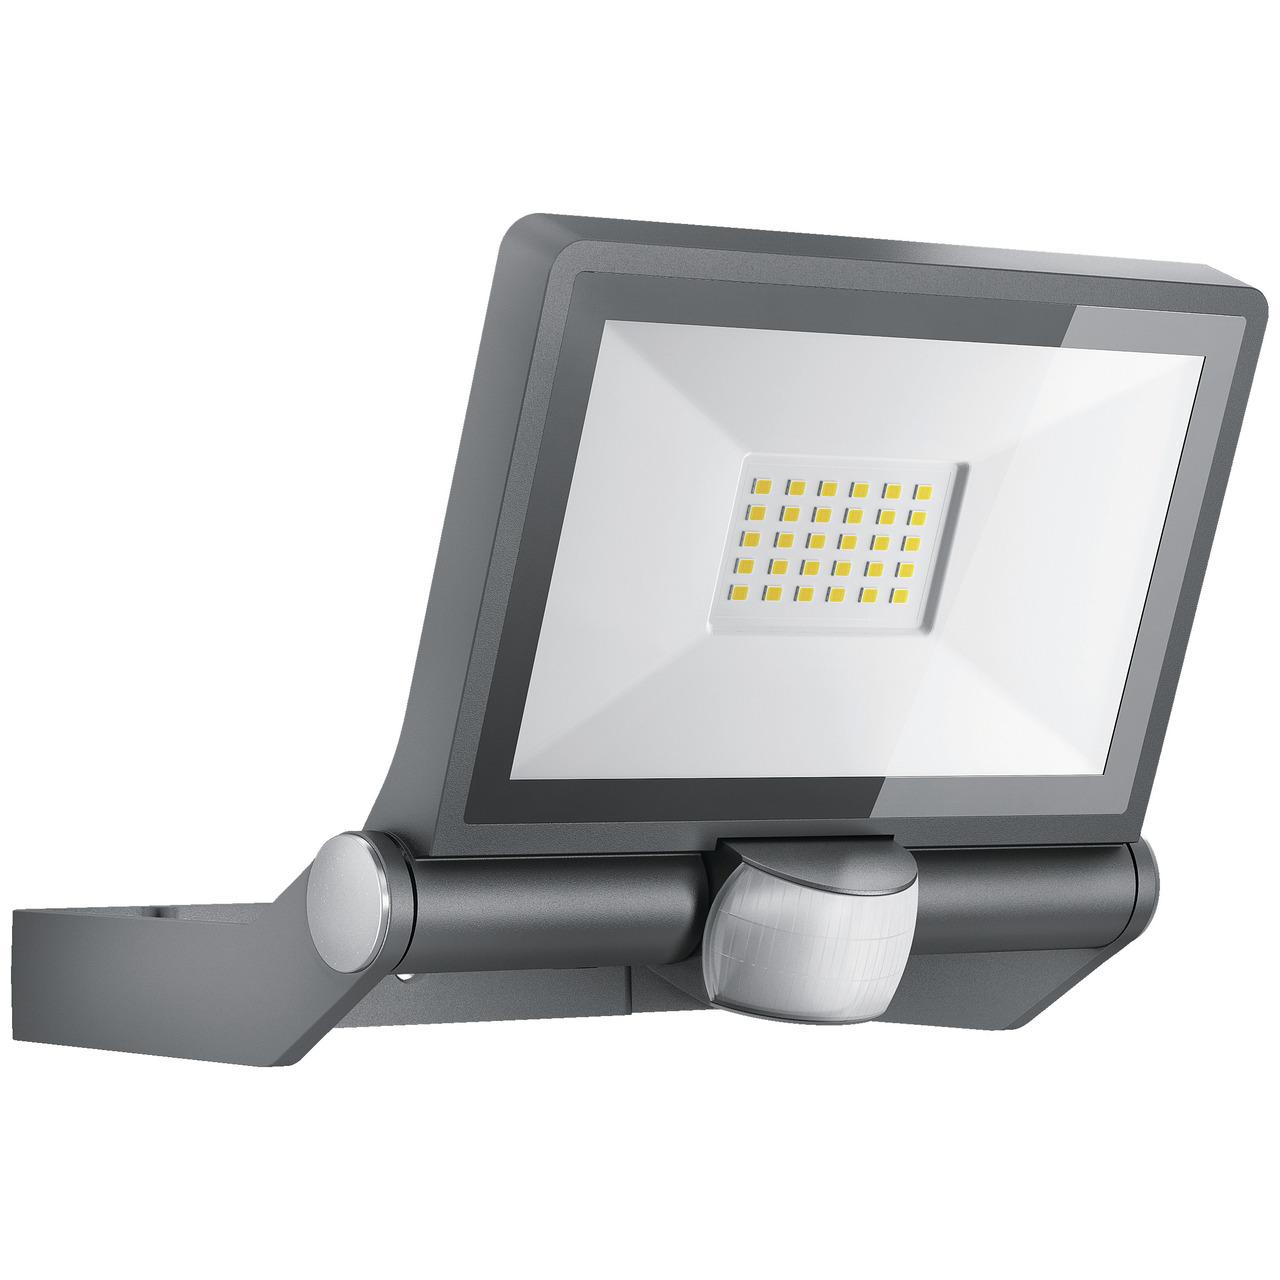 Steinel 23-5-W-LED-Strahler XLED ONE S- PIR-Bewegungsmelder- 2550 lm- warmweiund-223 - IP44